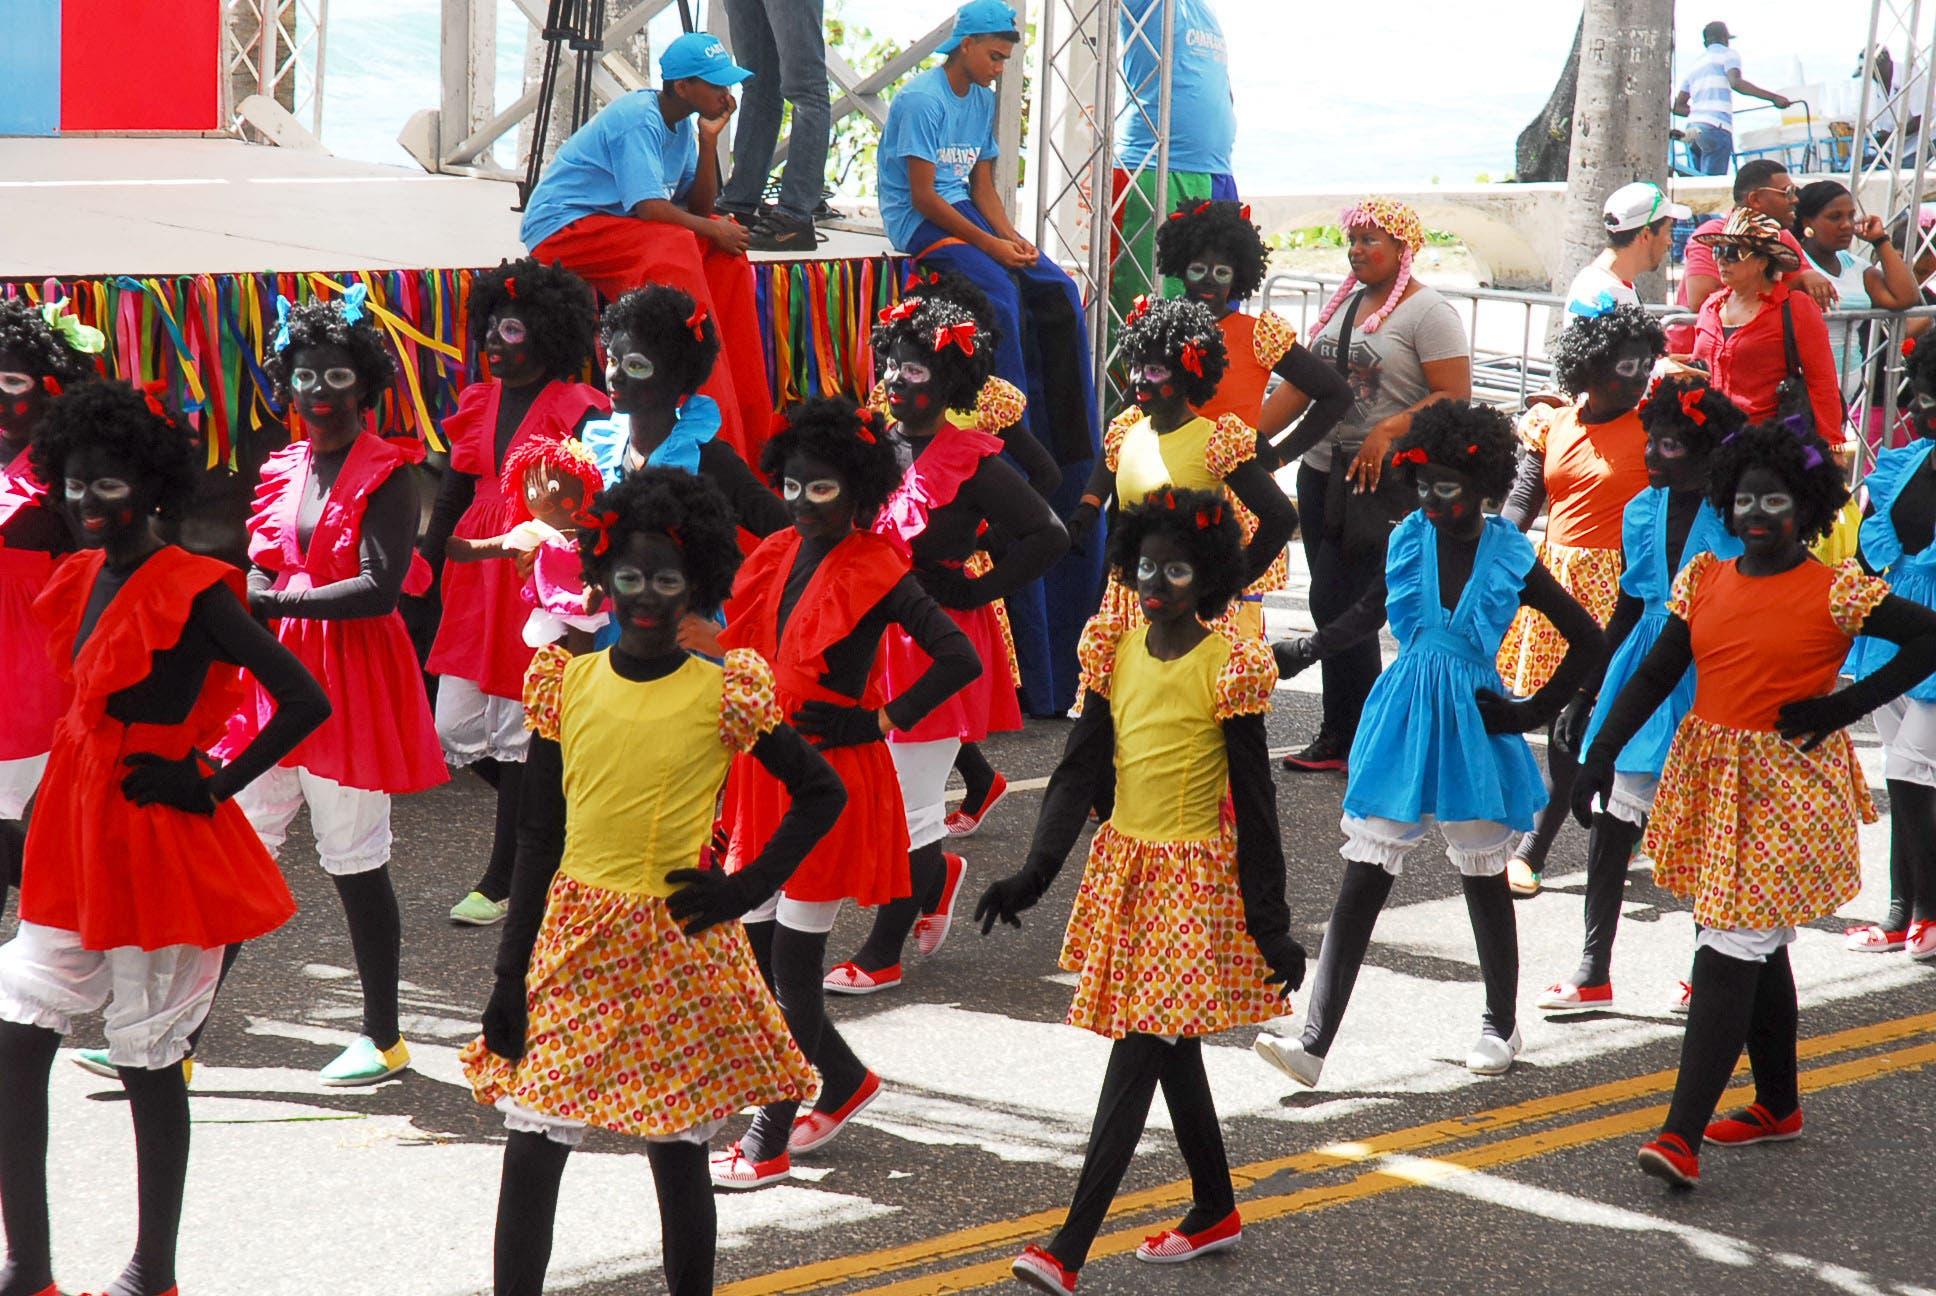 Carnaval infantil en el malecon 2015, comparsa muñeca de trapo/foto:  José de León.